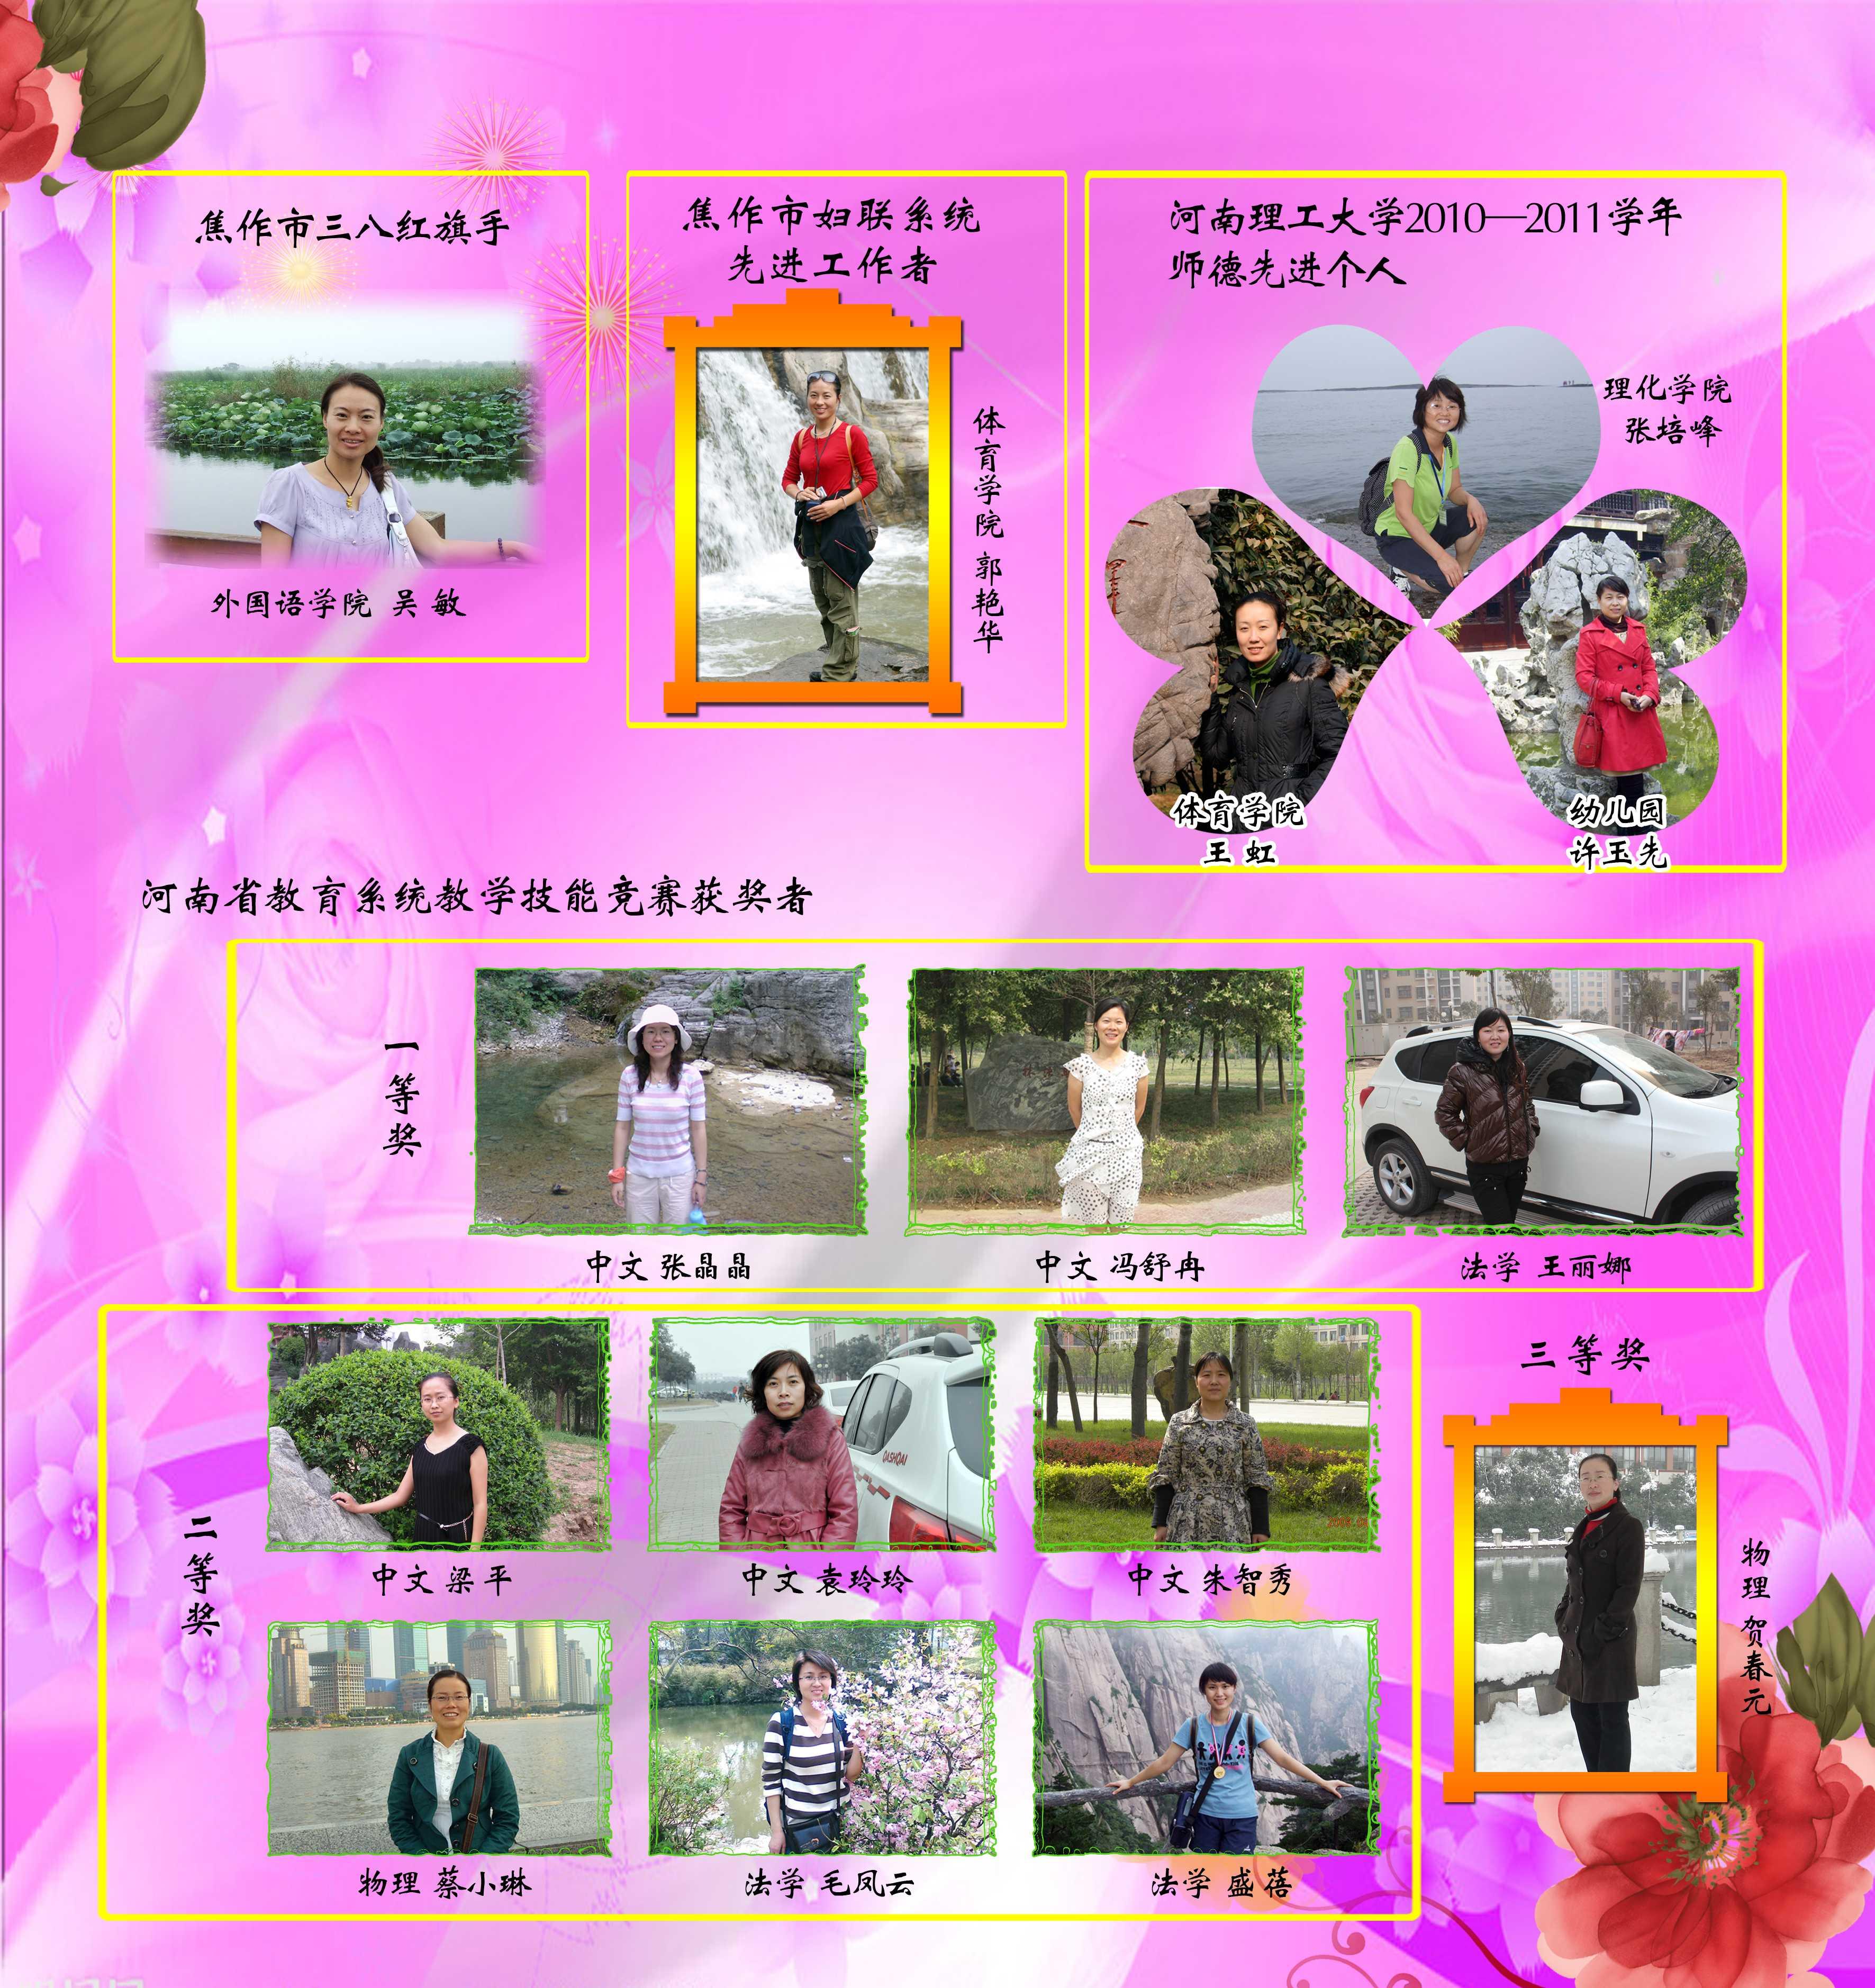 河南理工大学2011年度先进女职工风采展展板